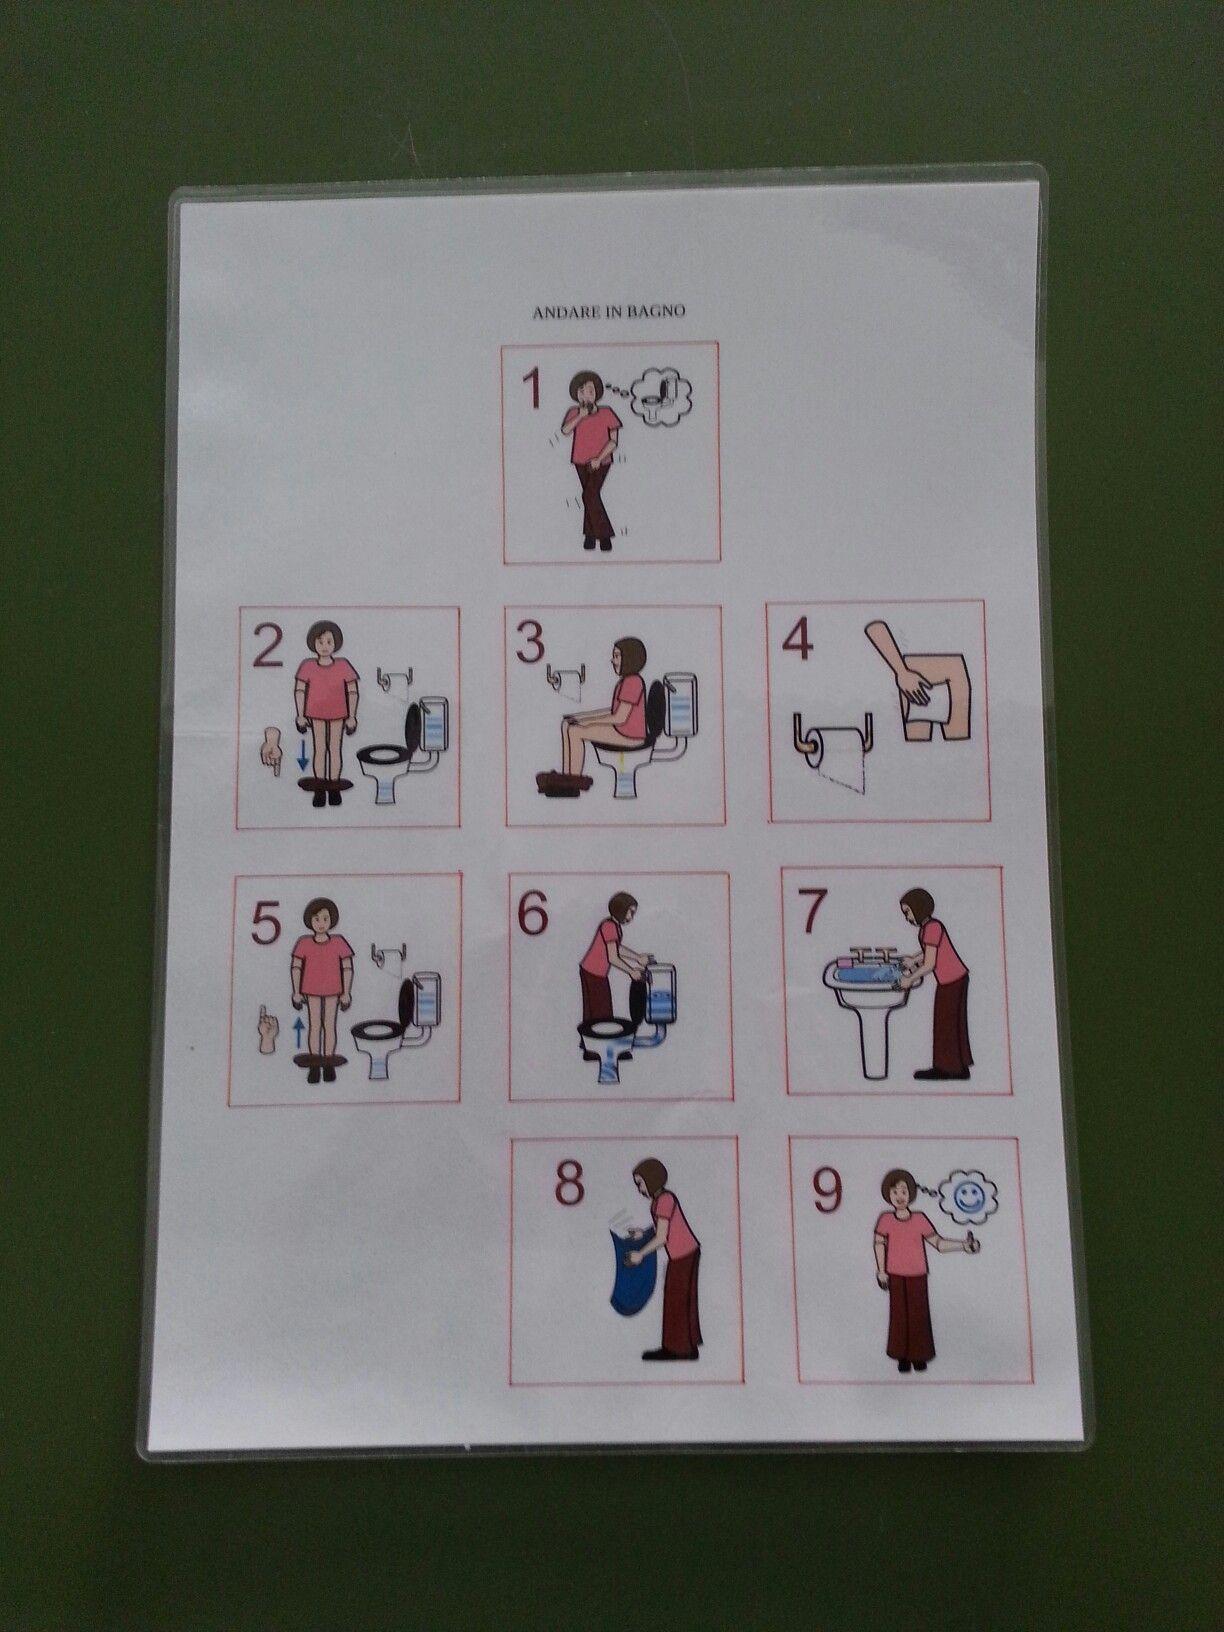 Tabella sequenze per andare in bagno bagno caa autism - Peretta per andare in bagno ...